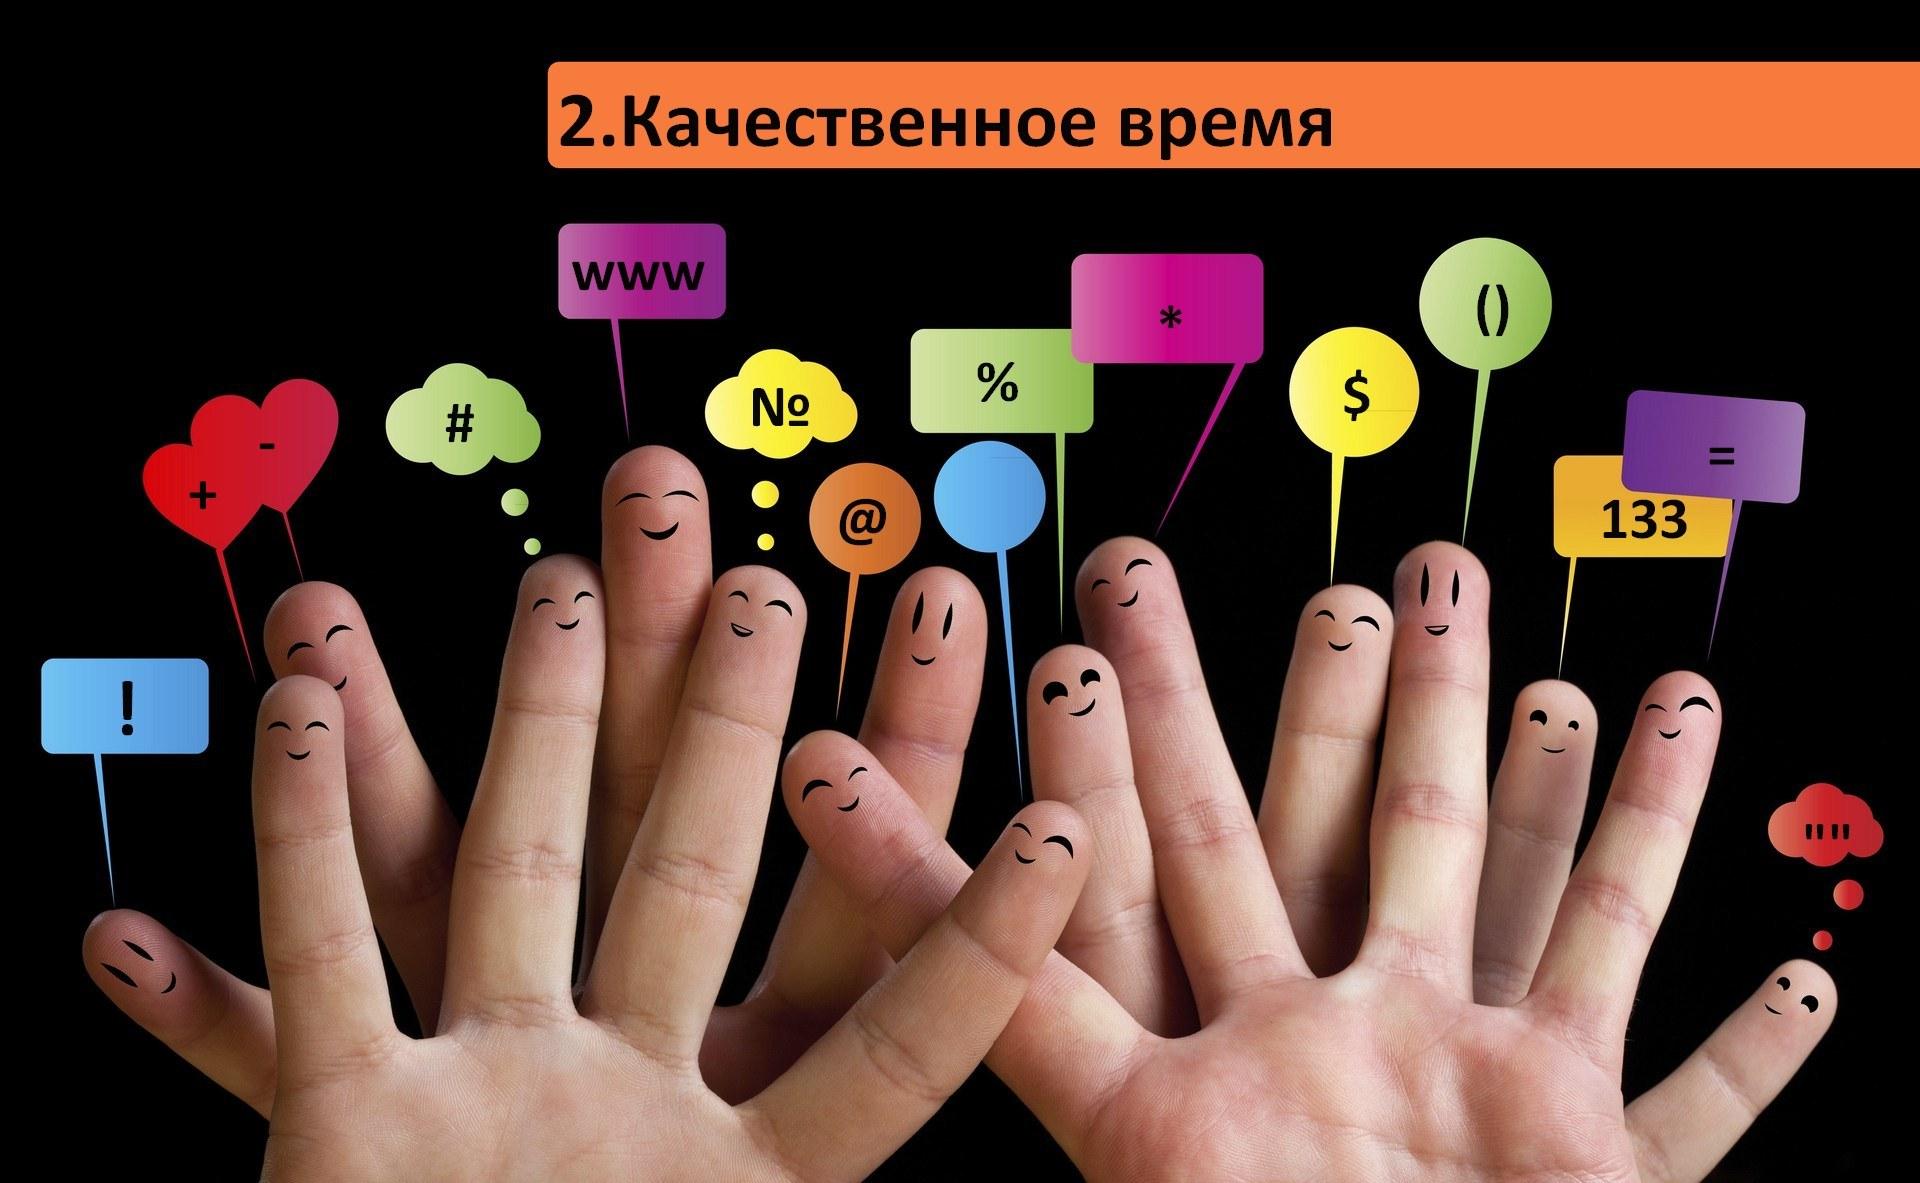 Книга «5 языков любви»_Слова поддержки